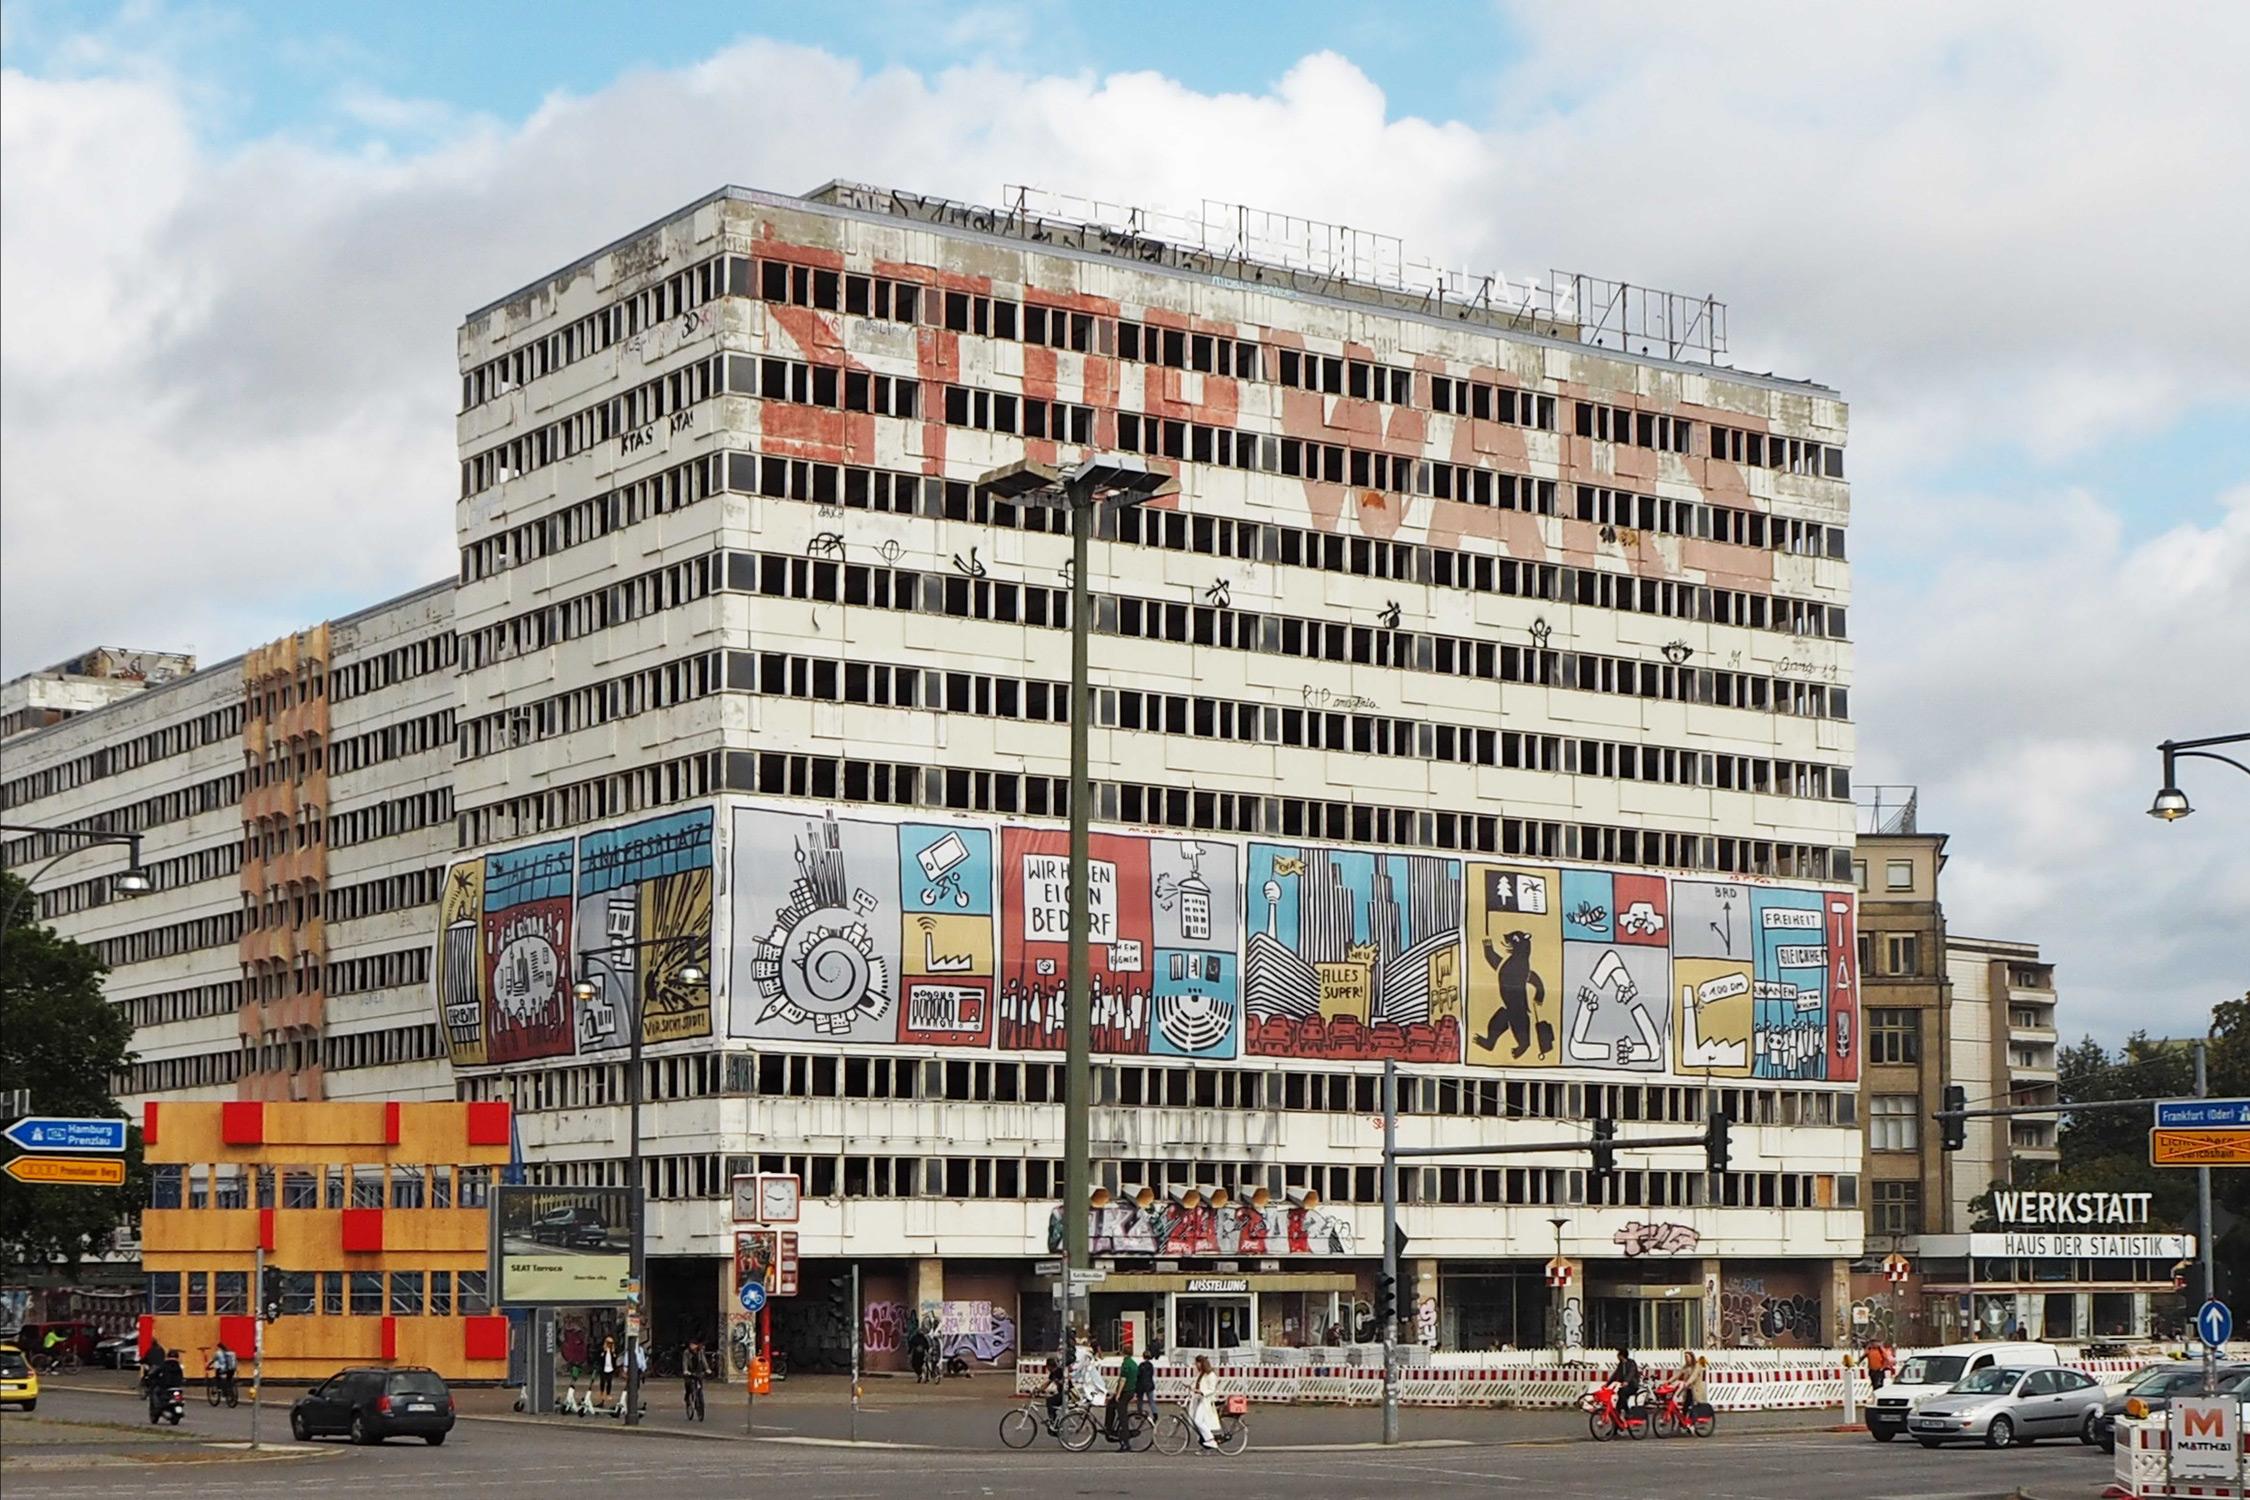 mit Illustration geschmückte Fassade des Haus der Statistik Bürokomplexes